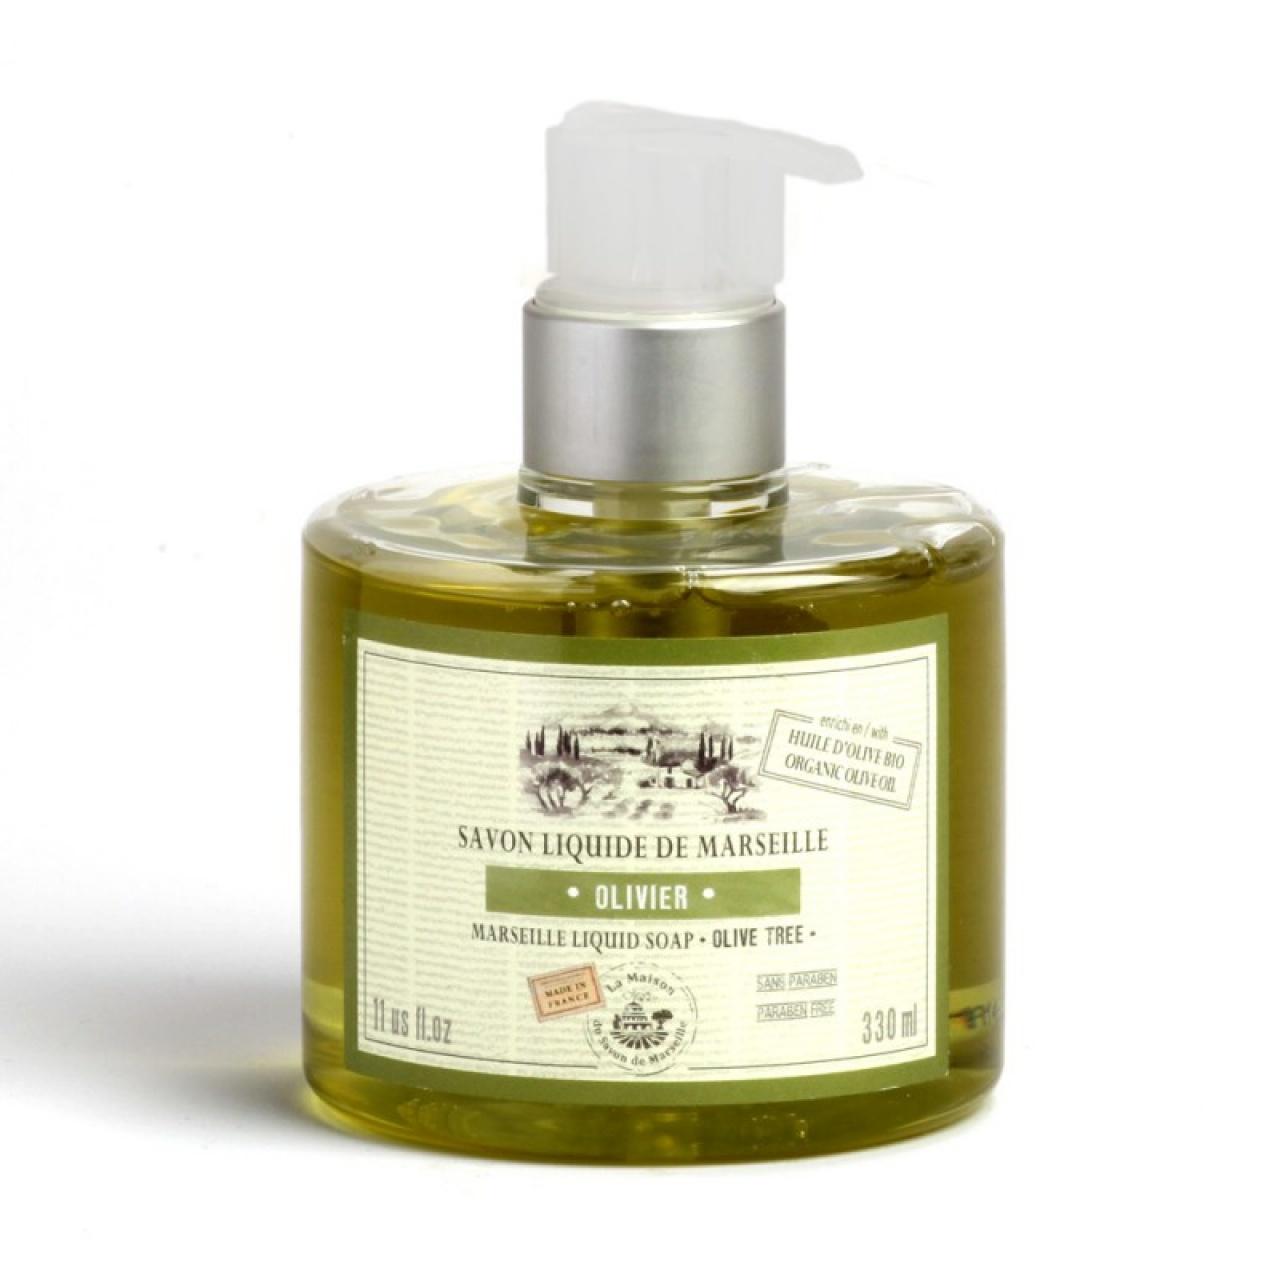 Săpun lichid de Marsilia – ulei de măsline, 330ml